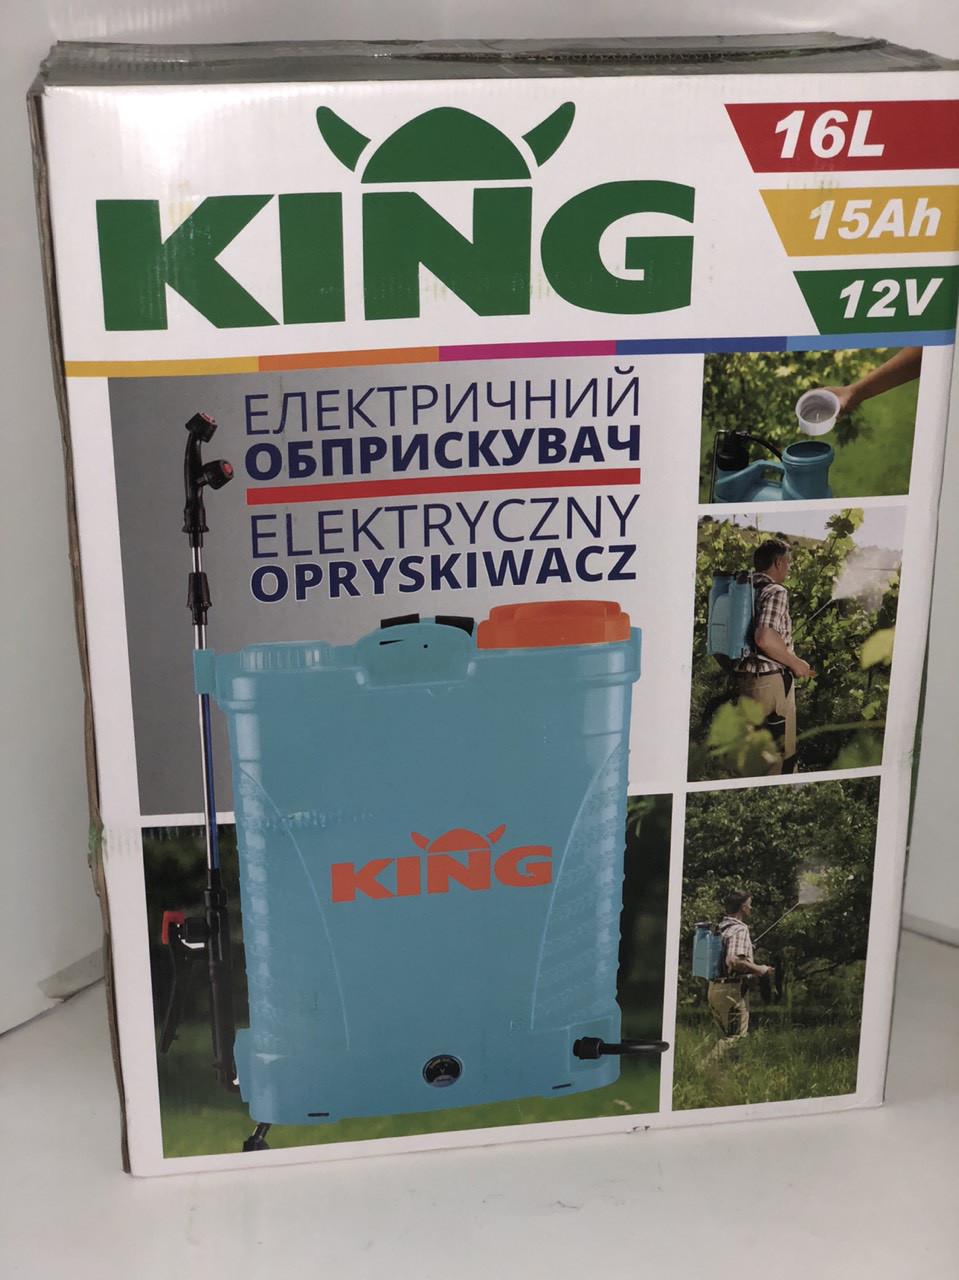 Опрыскиватель аккумуляторный KING 12ah 16 Л